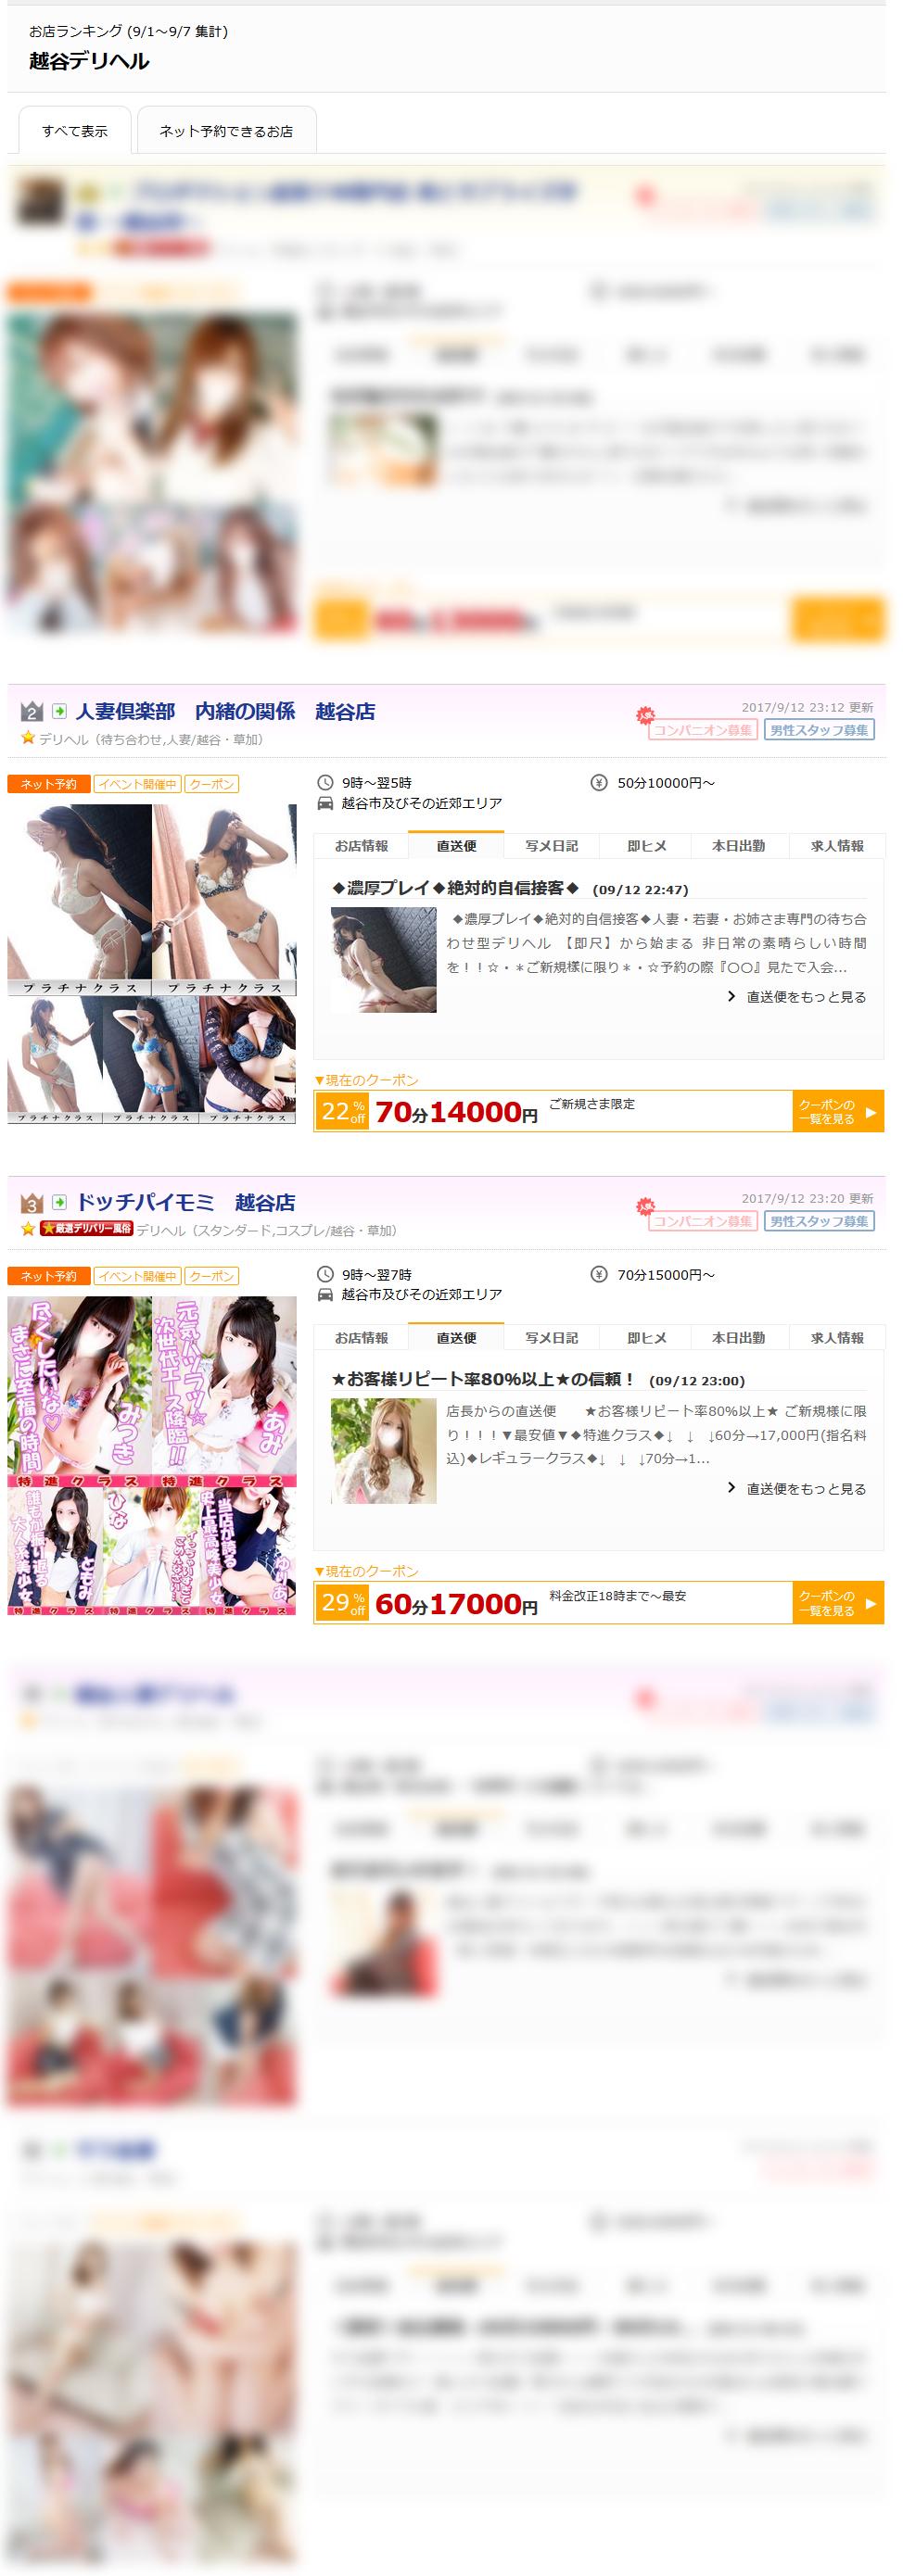 越谷デリヘルお店ランキング2017-09-11